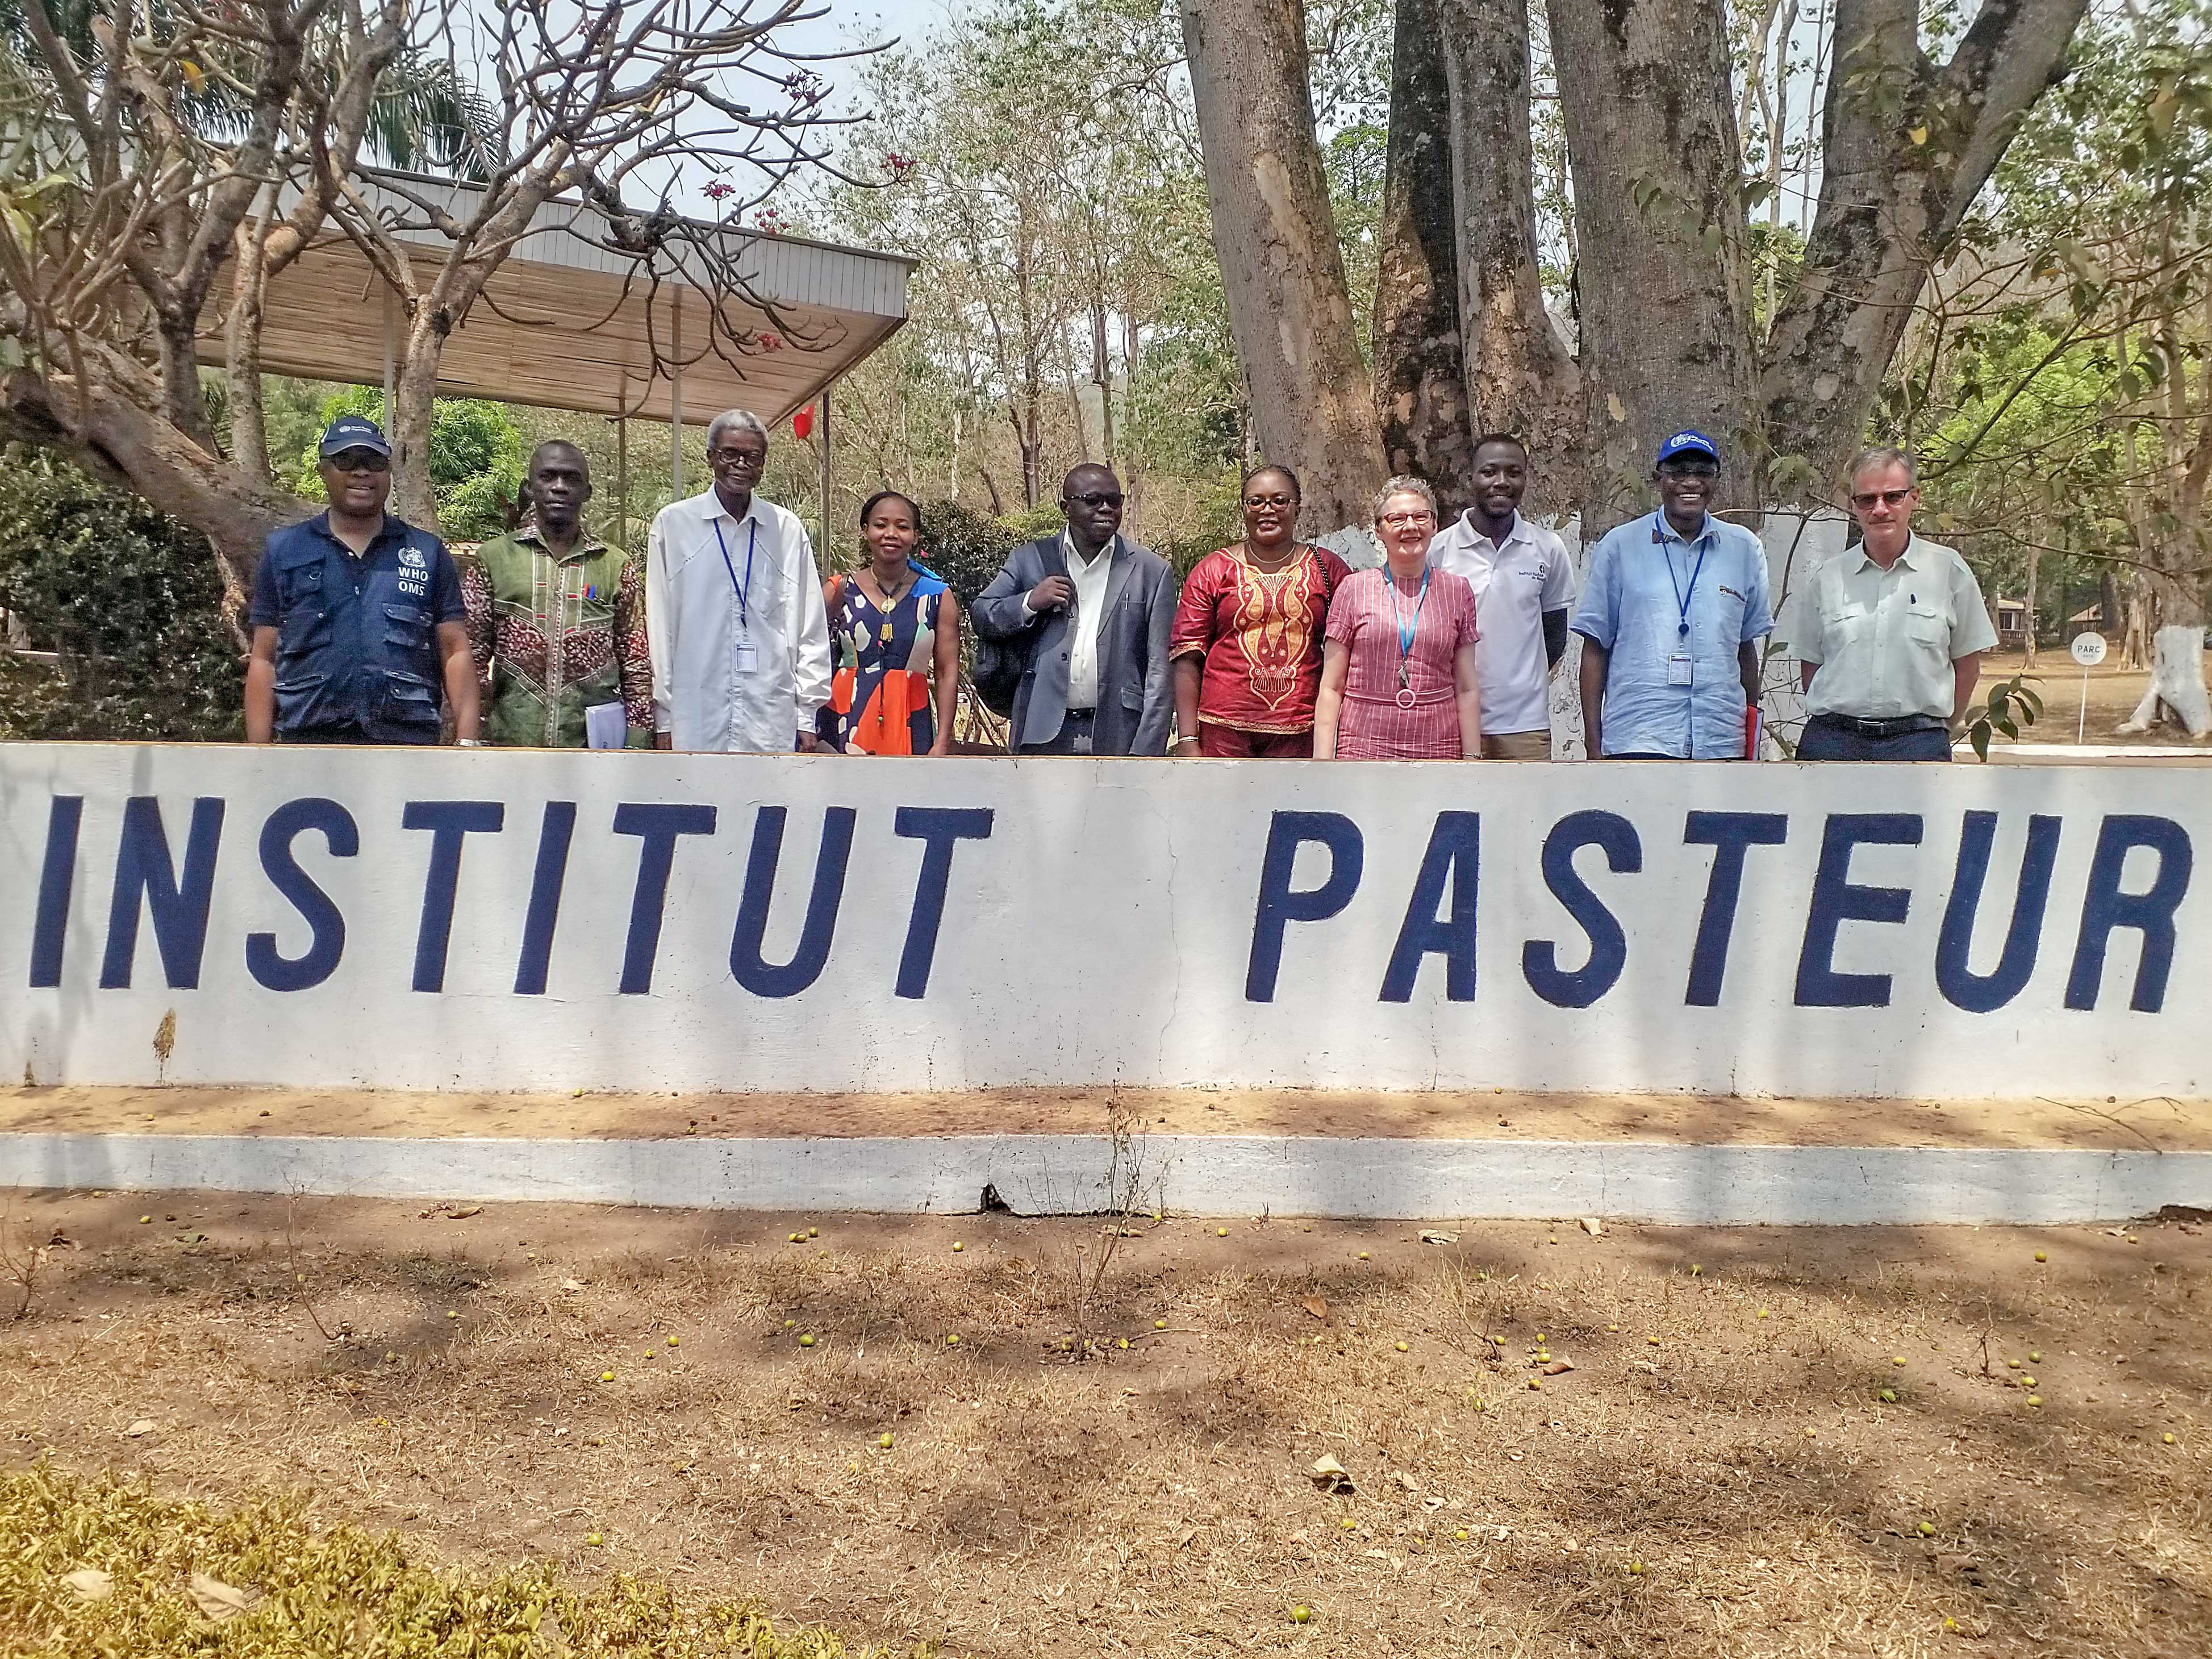 La République Centrafricaine a soumis la documentation nationale pour l'obtention du statut de pays libre de poliovirus sauvage à la vérification du Comité National de Certification. Elle présentera pour la première fois, avec le Cameroun, le Nigéria et le Soudan du Sud la documentation complète devant la Commission Régionale de Certification Afrique au mois de mars 2020.